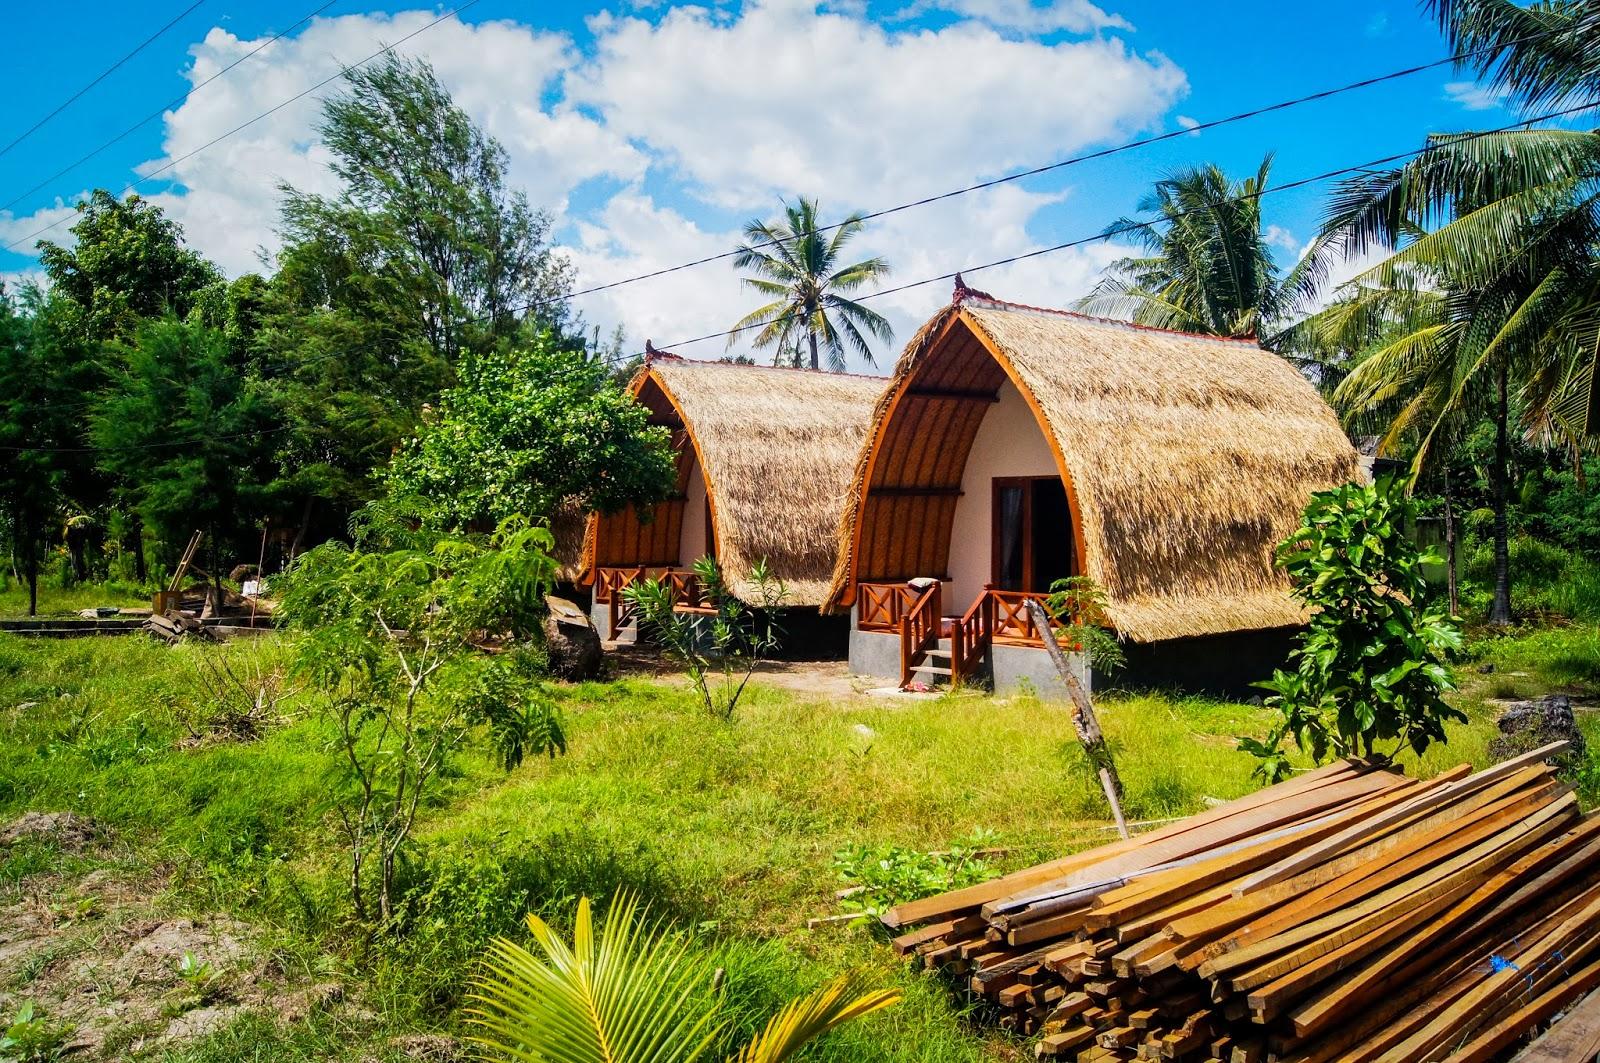 Hotel cabaña de las Gili Islands